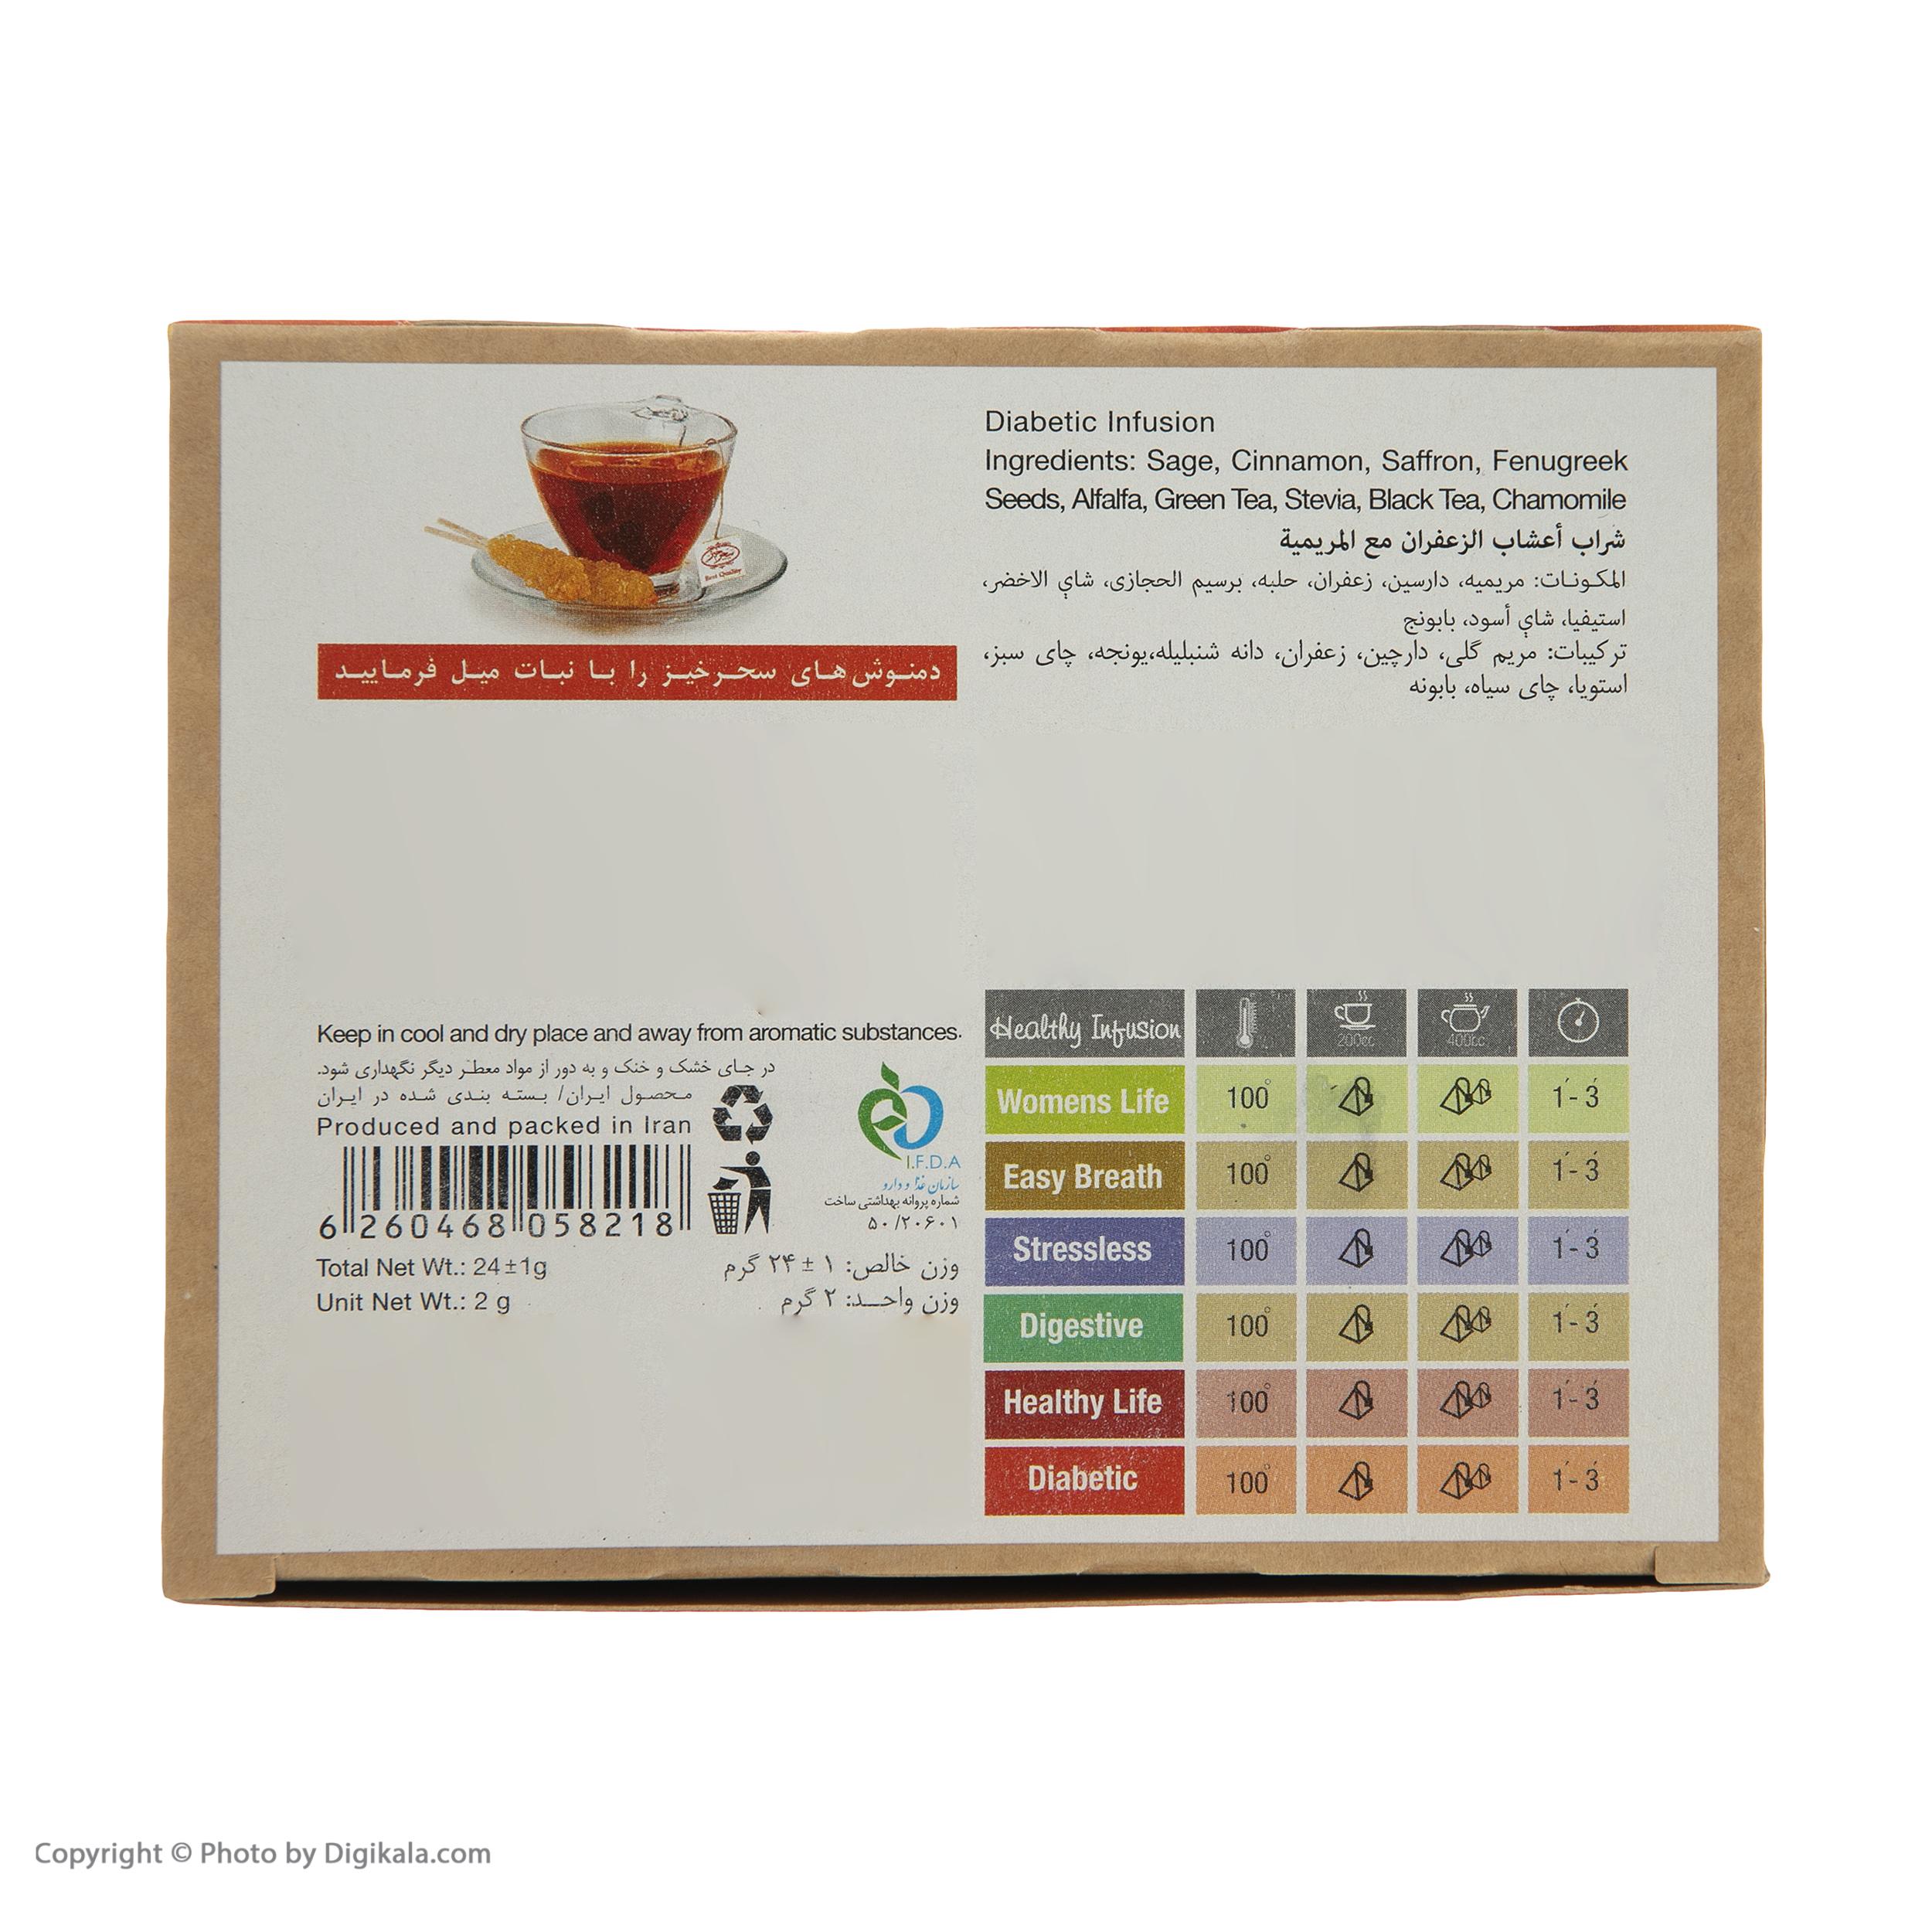 دمنوش مخلوط گیاهی زعفران و مریم گلی سحر خیز  - بسته 12 عددی  main 1 2